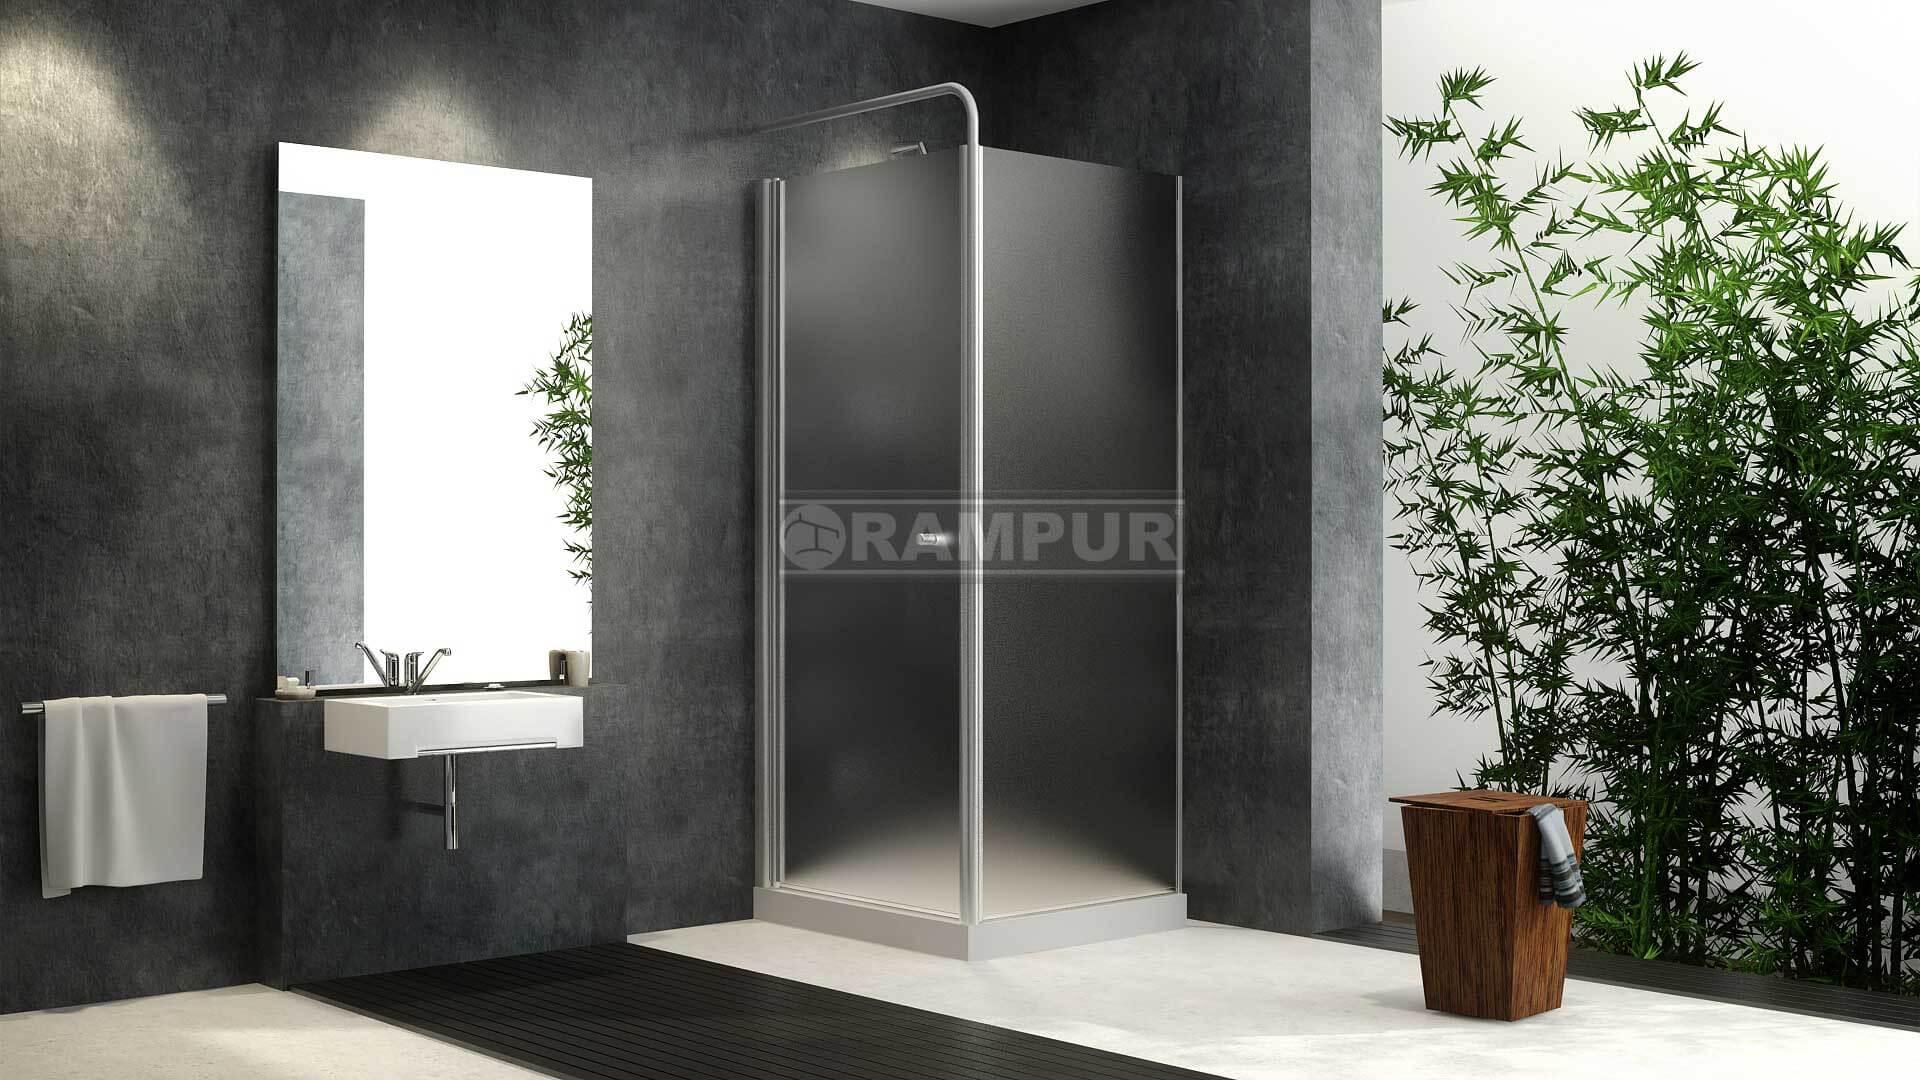 Cabinas De Ducha Medidas:RAMPUR® Cabinas Para Duchas De Vidrio PARANA Premium